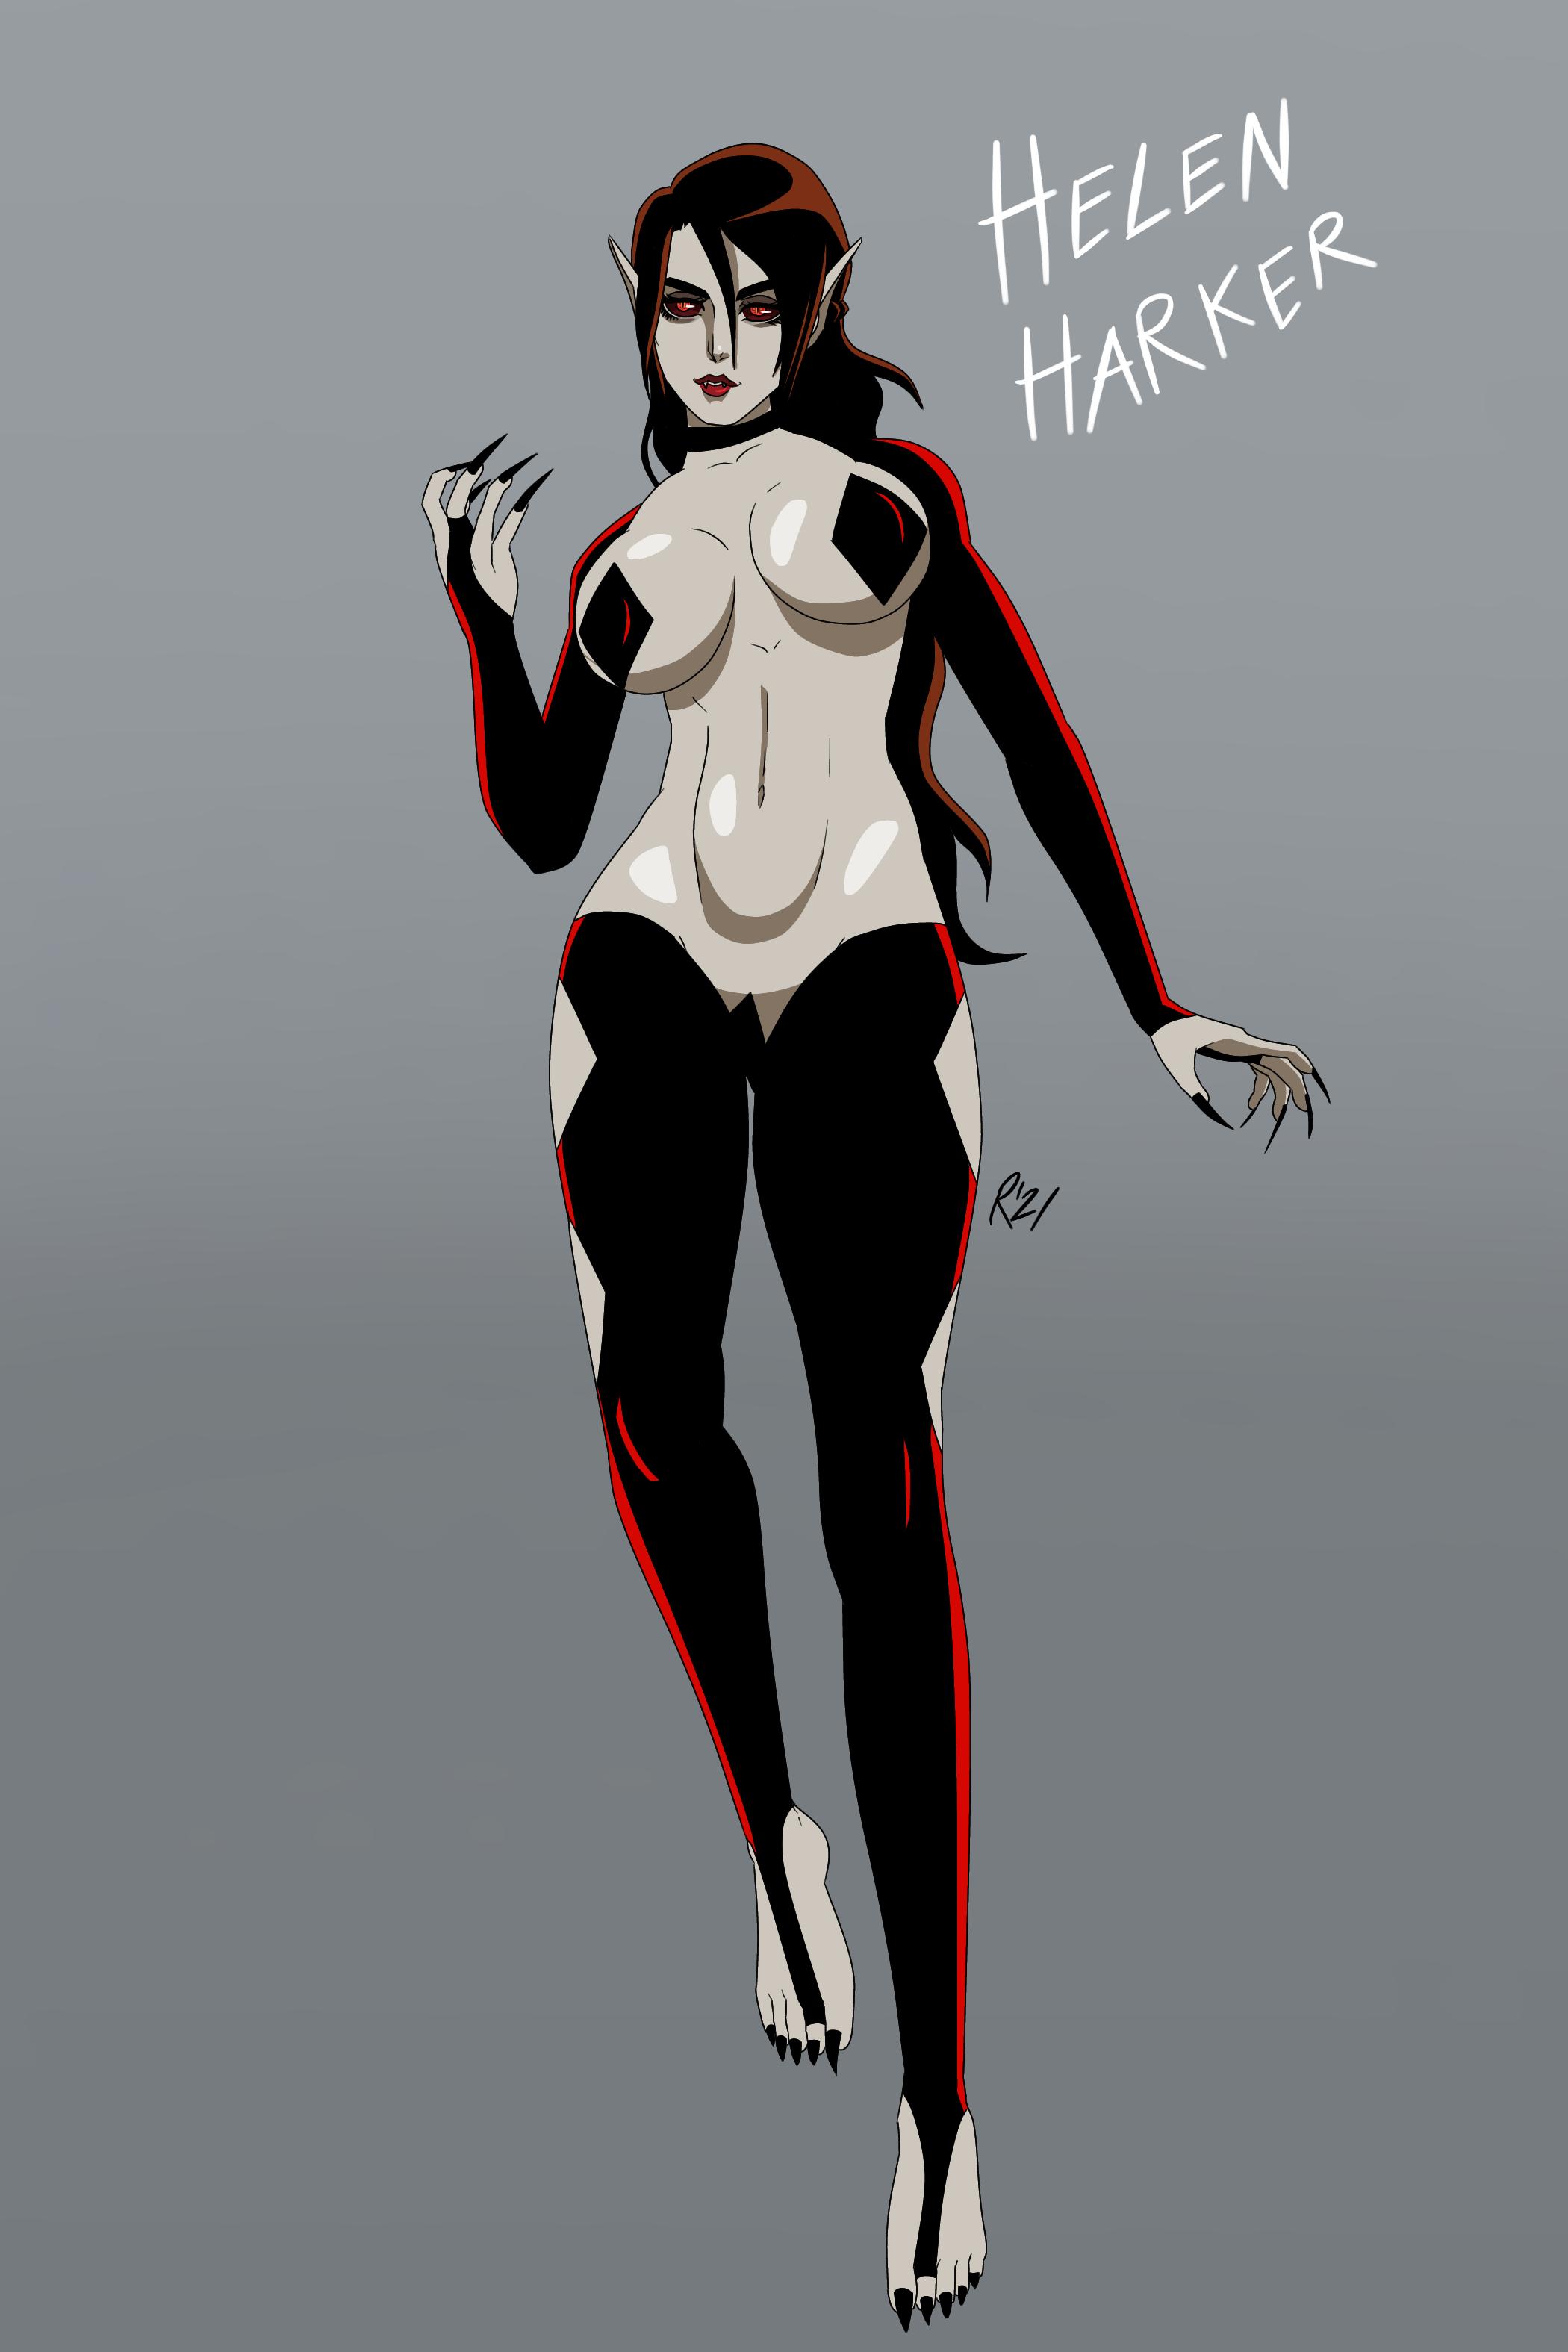 Original Character: Helen Harker